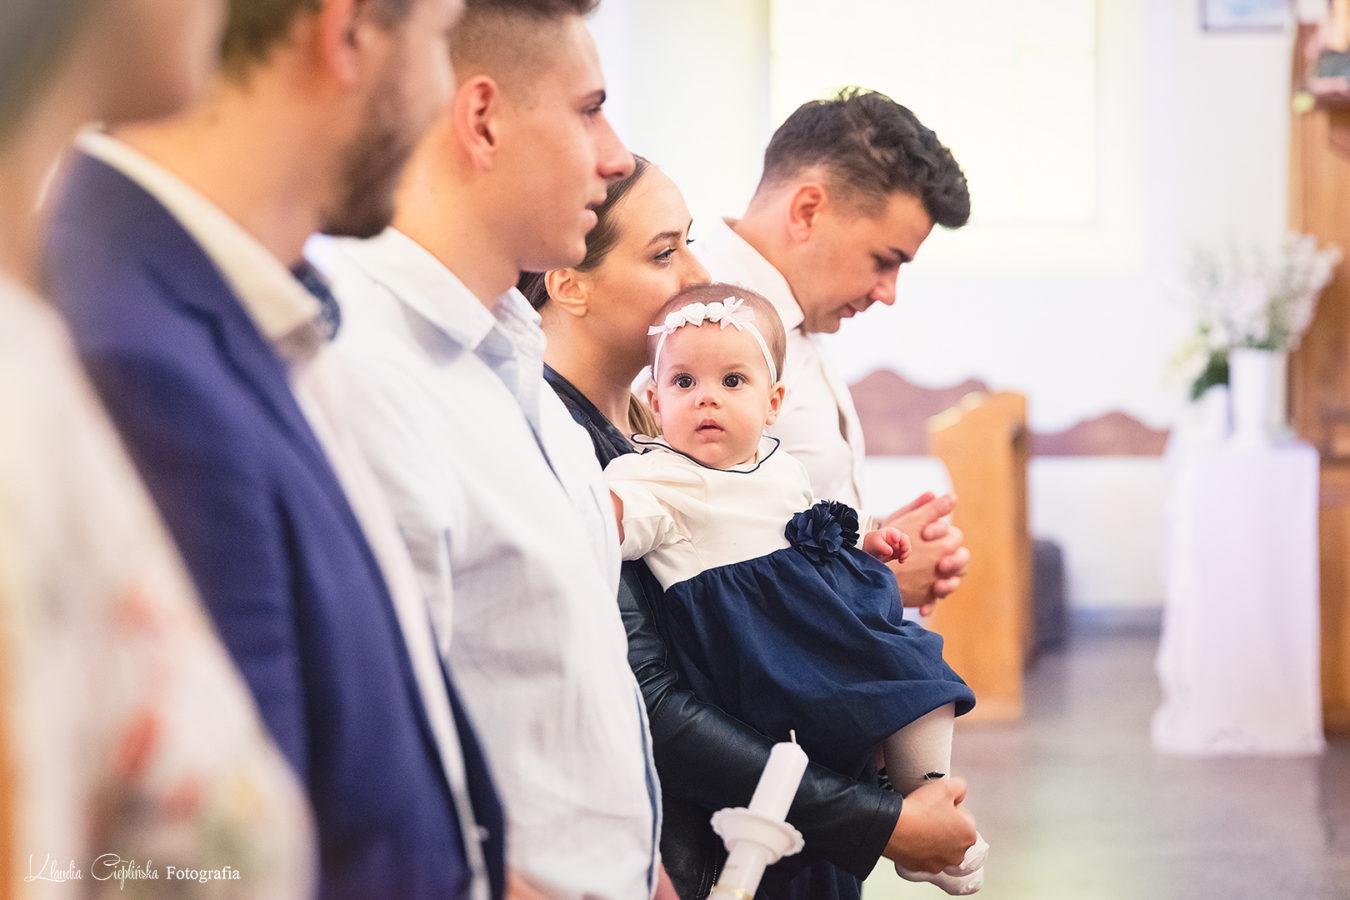 Klaudia Cieplińska fotografia okolicznościowa - rodzinne zdjęcia chrzciny Jelenia Góra, dolnośląskie